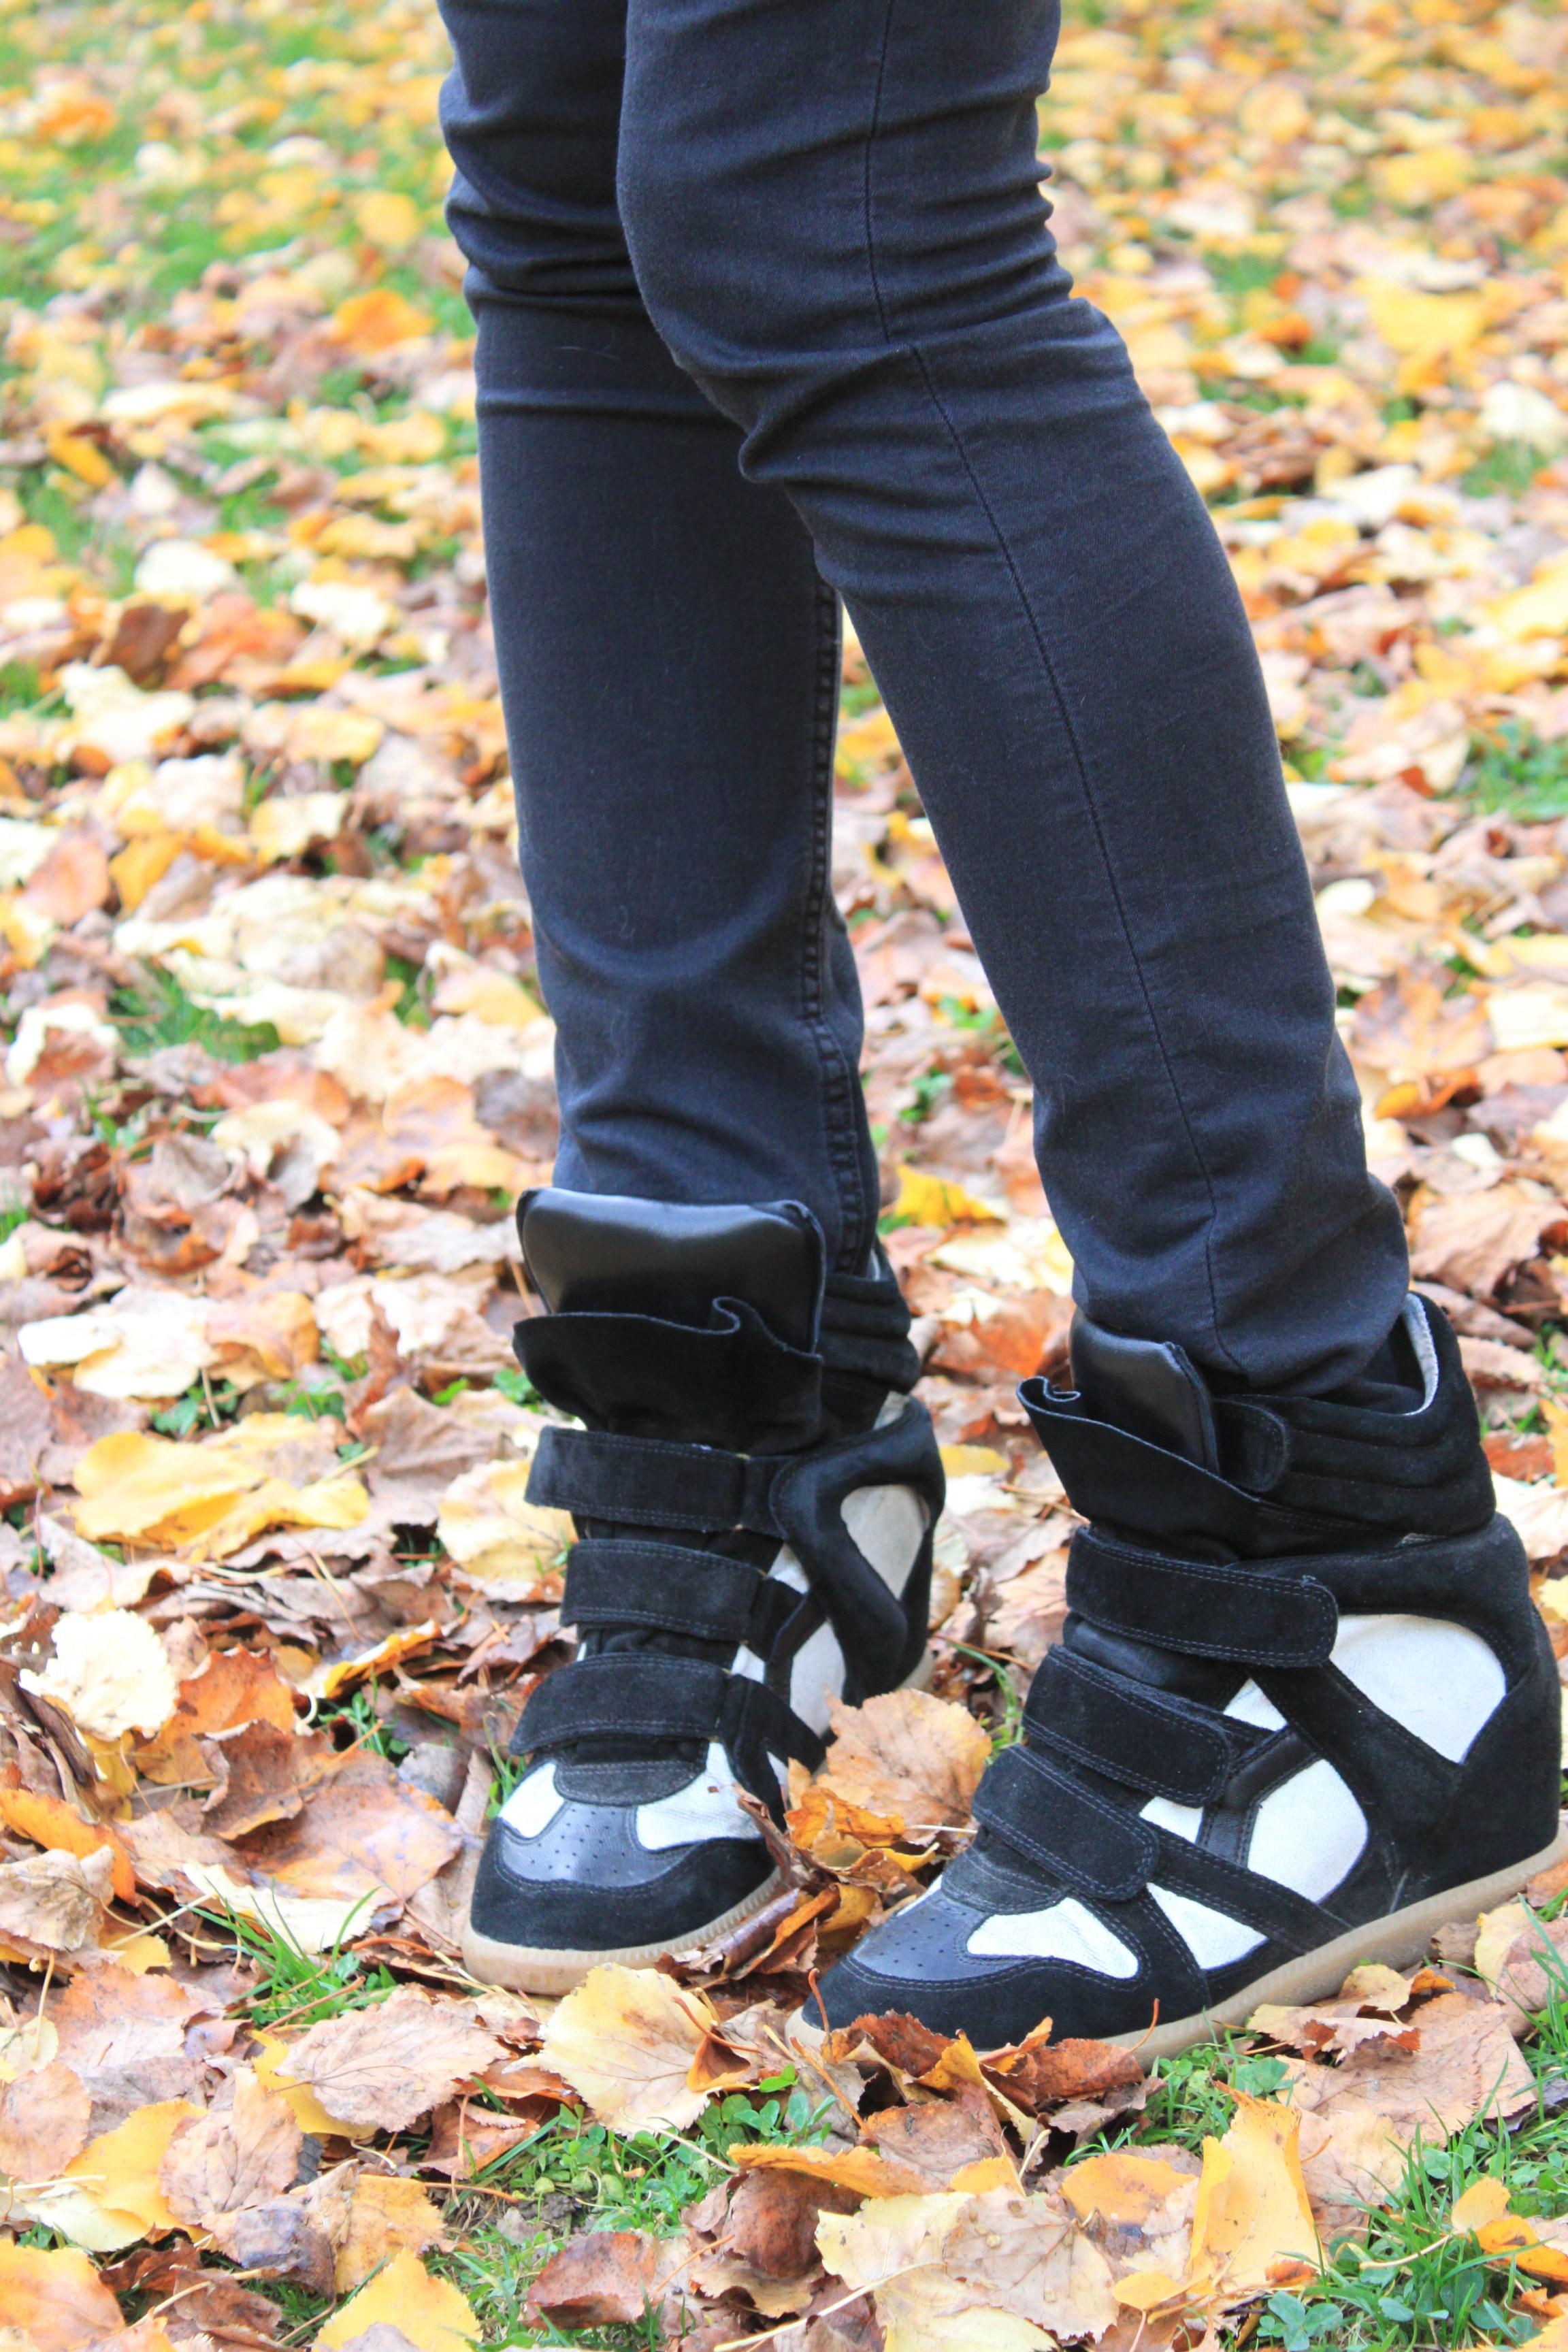 SneakersVrai FauxUne Les Mode SneakersVrai Parenthèse Les SzGqUMVLp